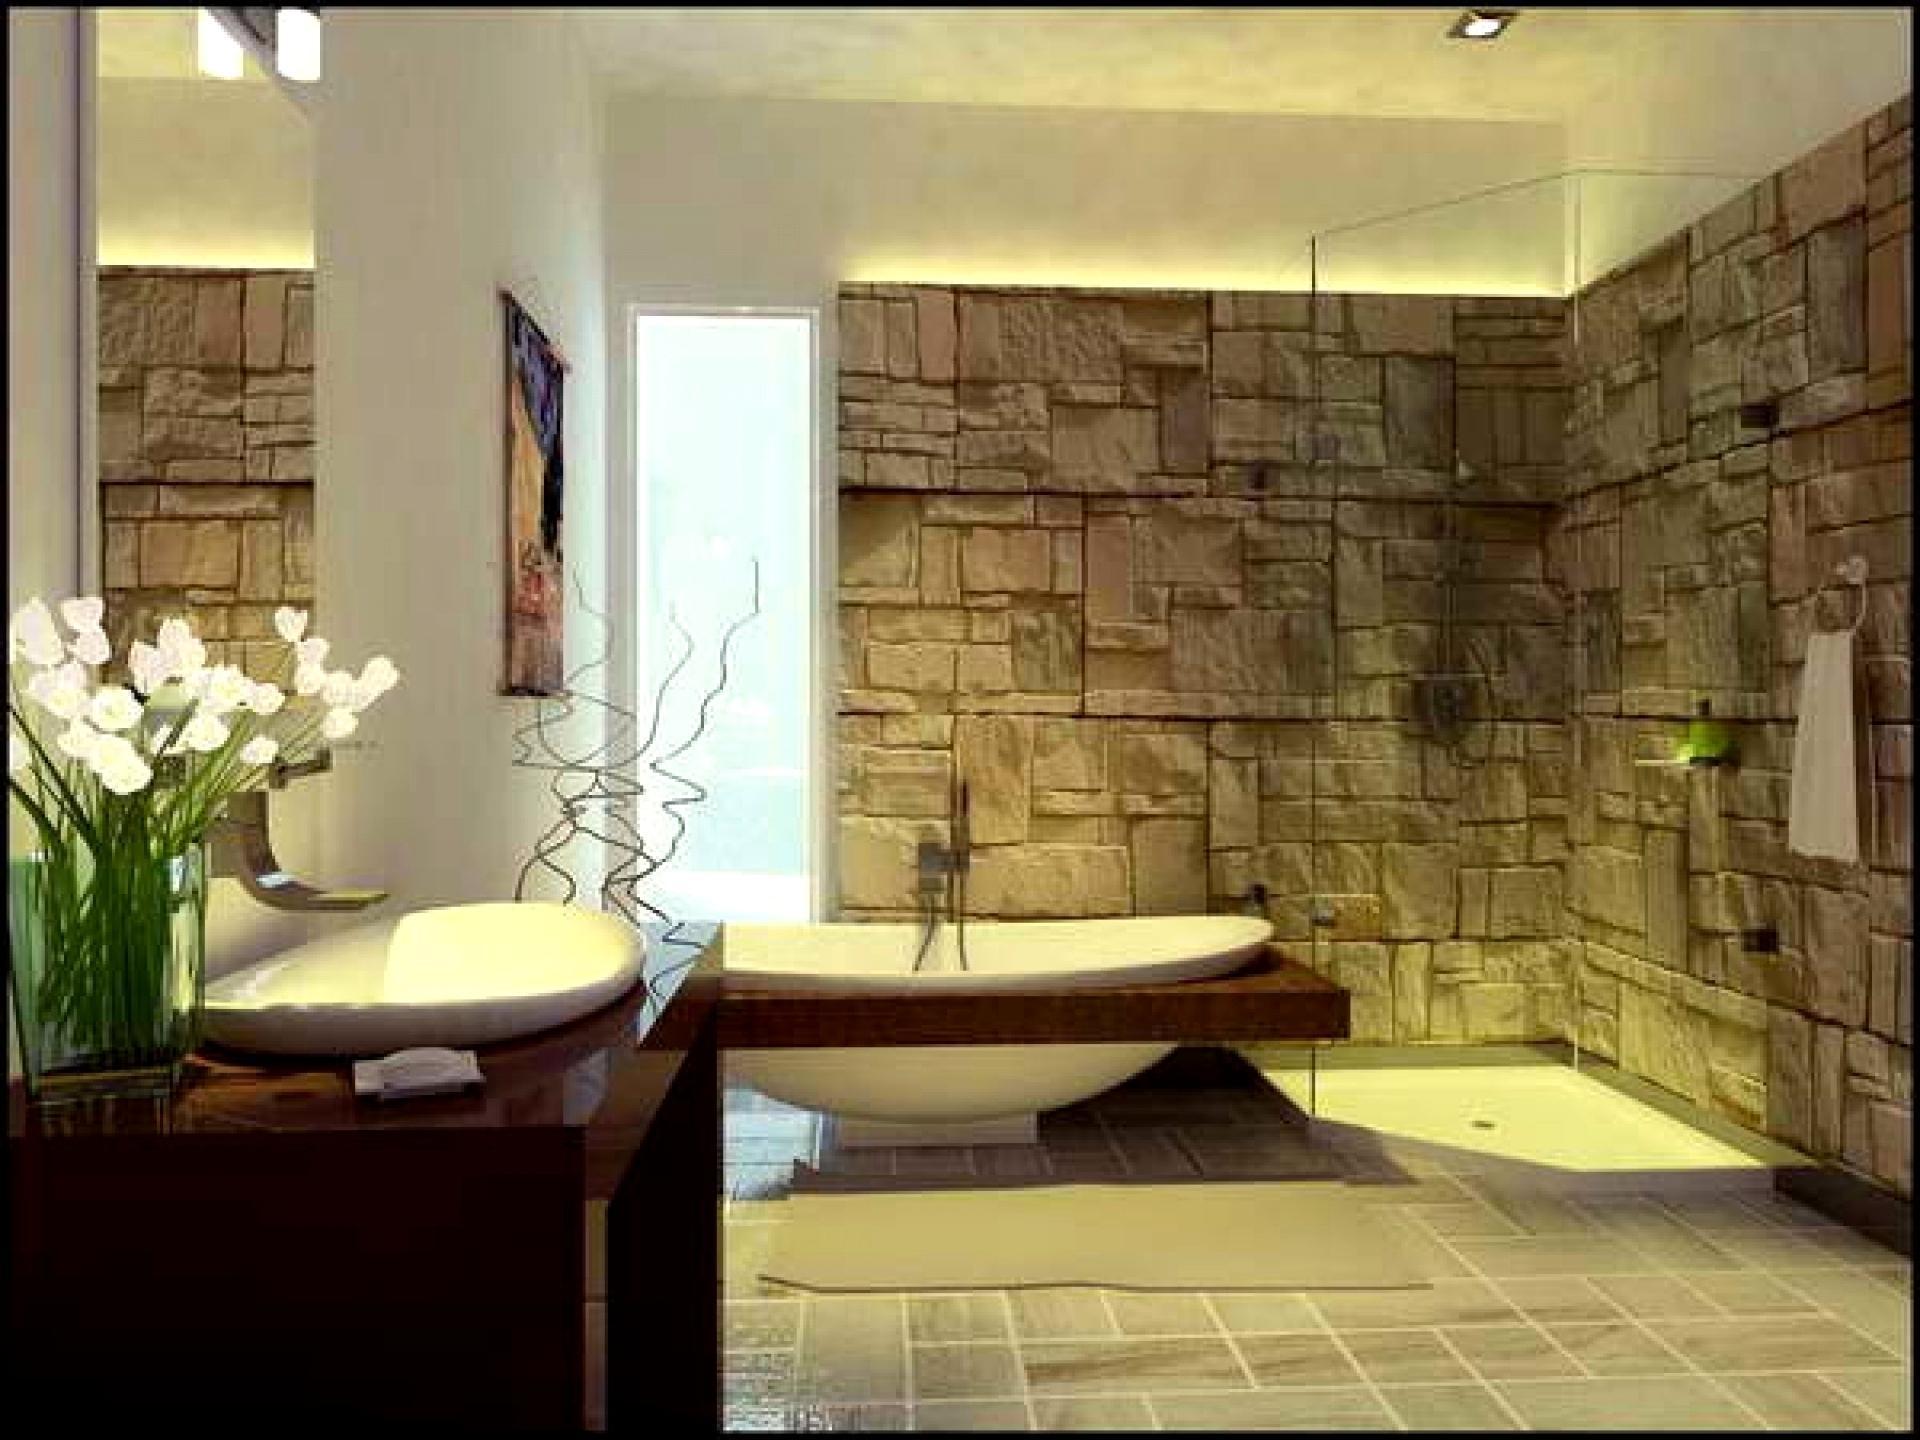 Banheiro Moderno com Revestimento em Pedra